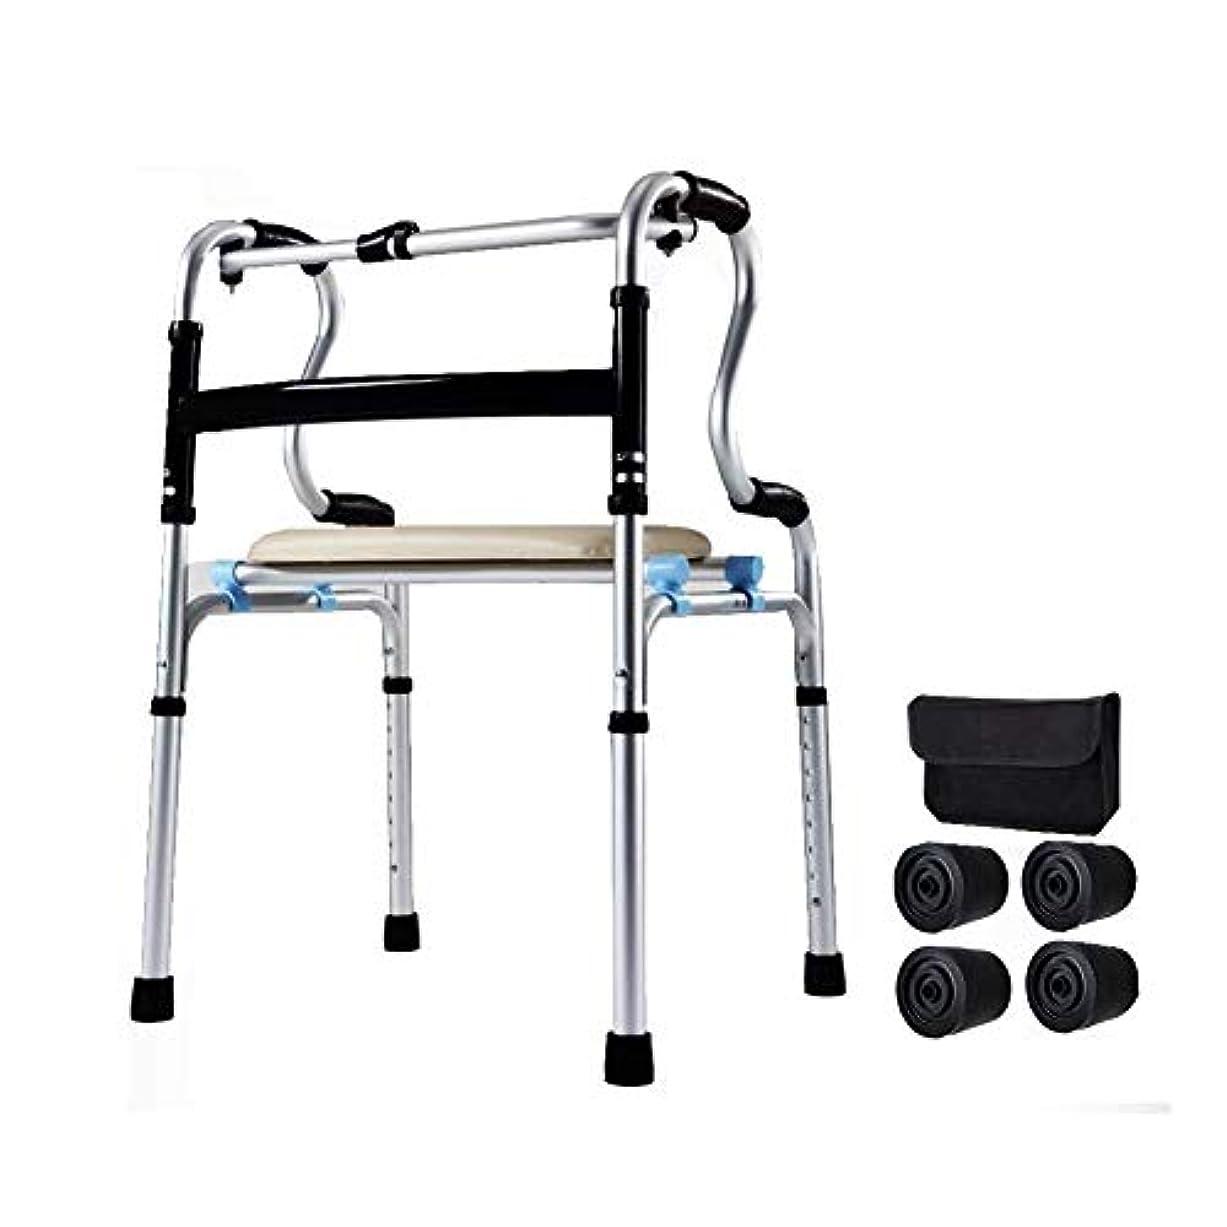 戦艦運賃消化高齢者折り畳み式歩行器、肘掛けパッドと車輪で調整可能高齢者はスムーズで清掃が簡単+シート+バッグ